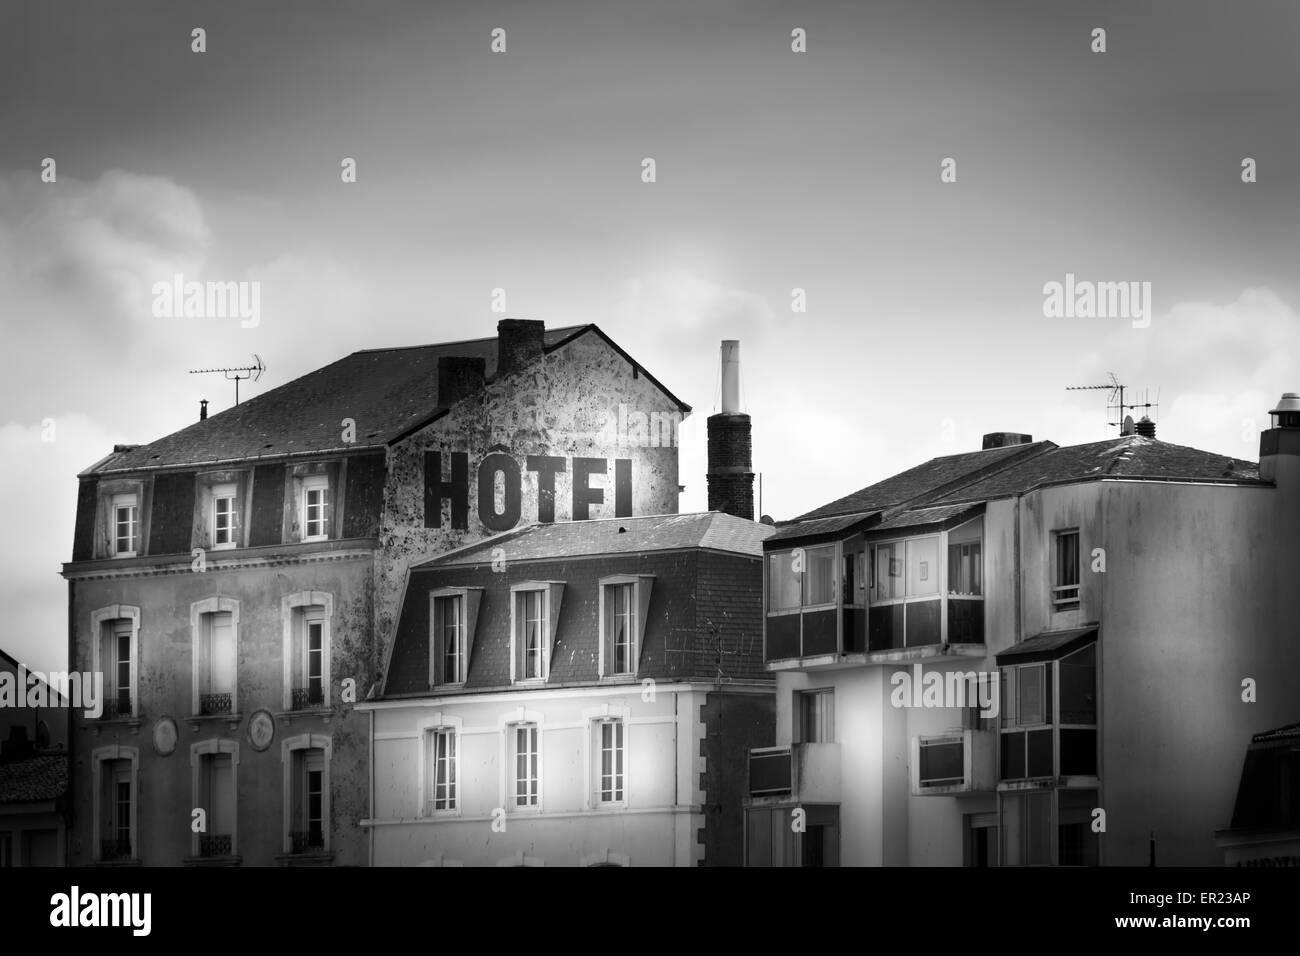 Exterior El edificio de fachada del hotel antiguo en blanco y negro Imagen De Stock